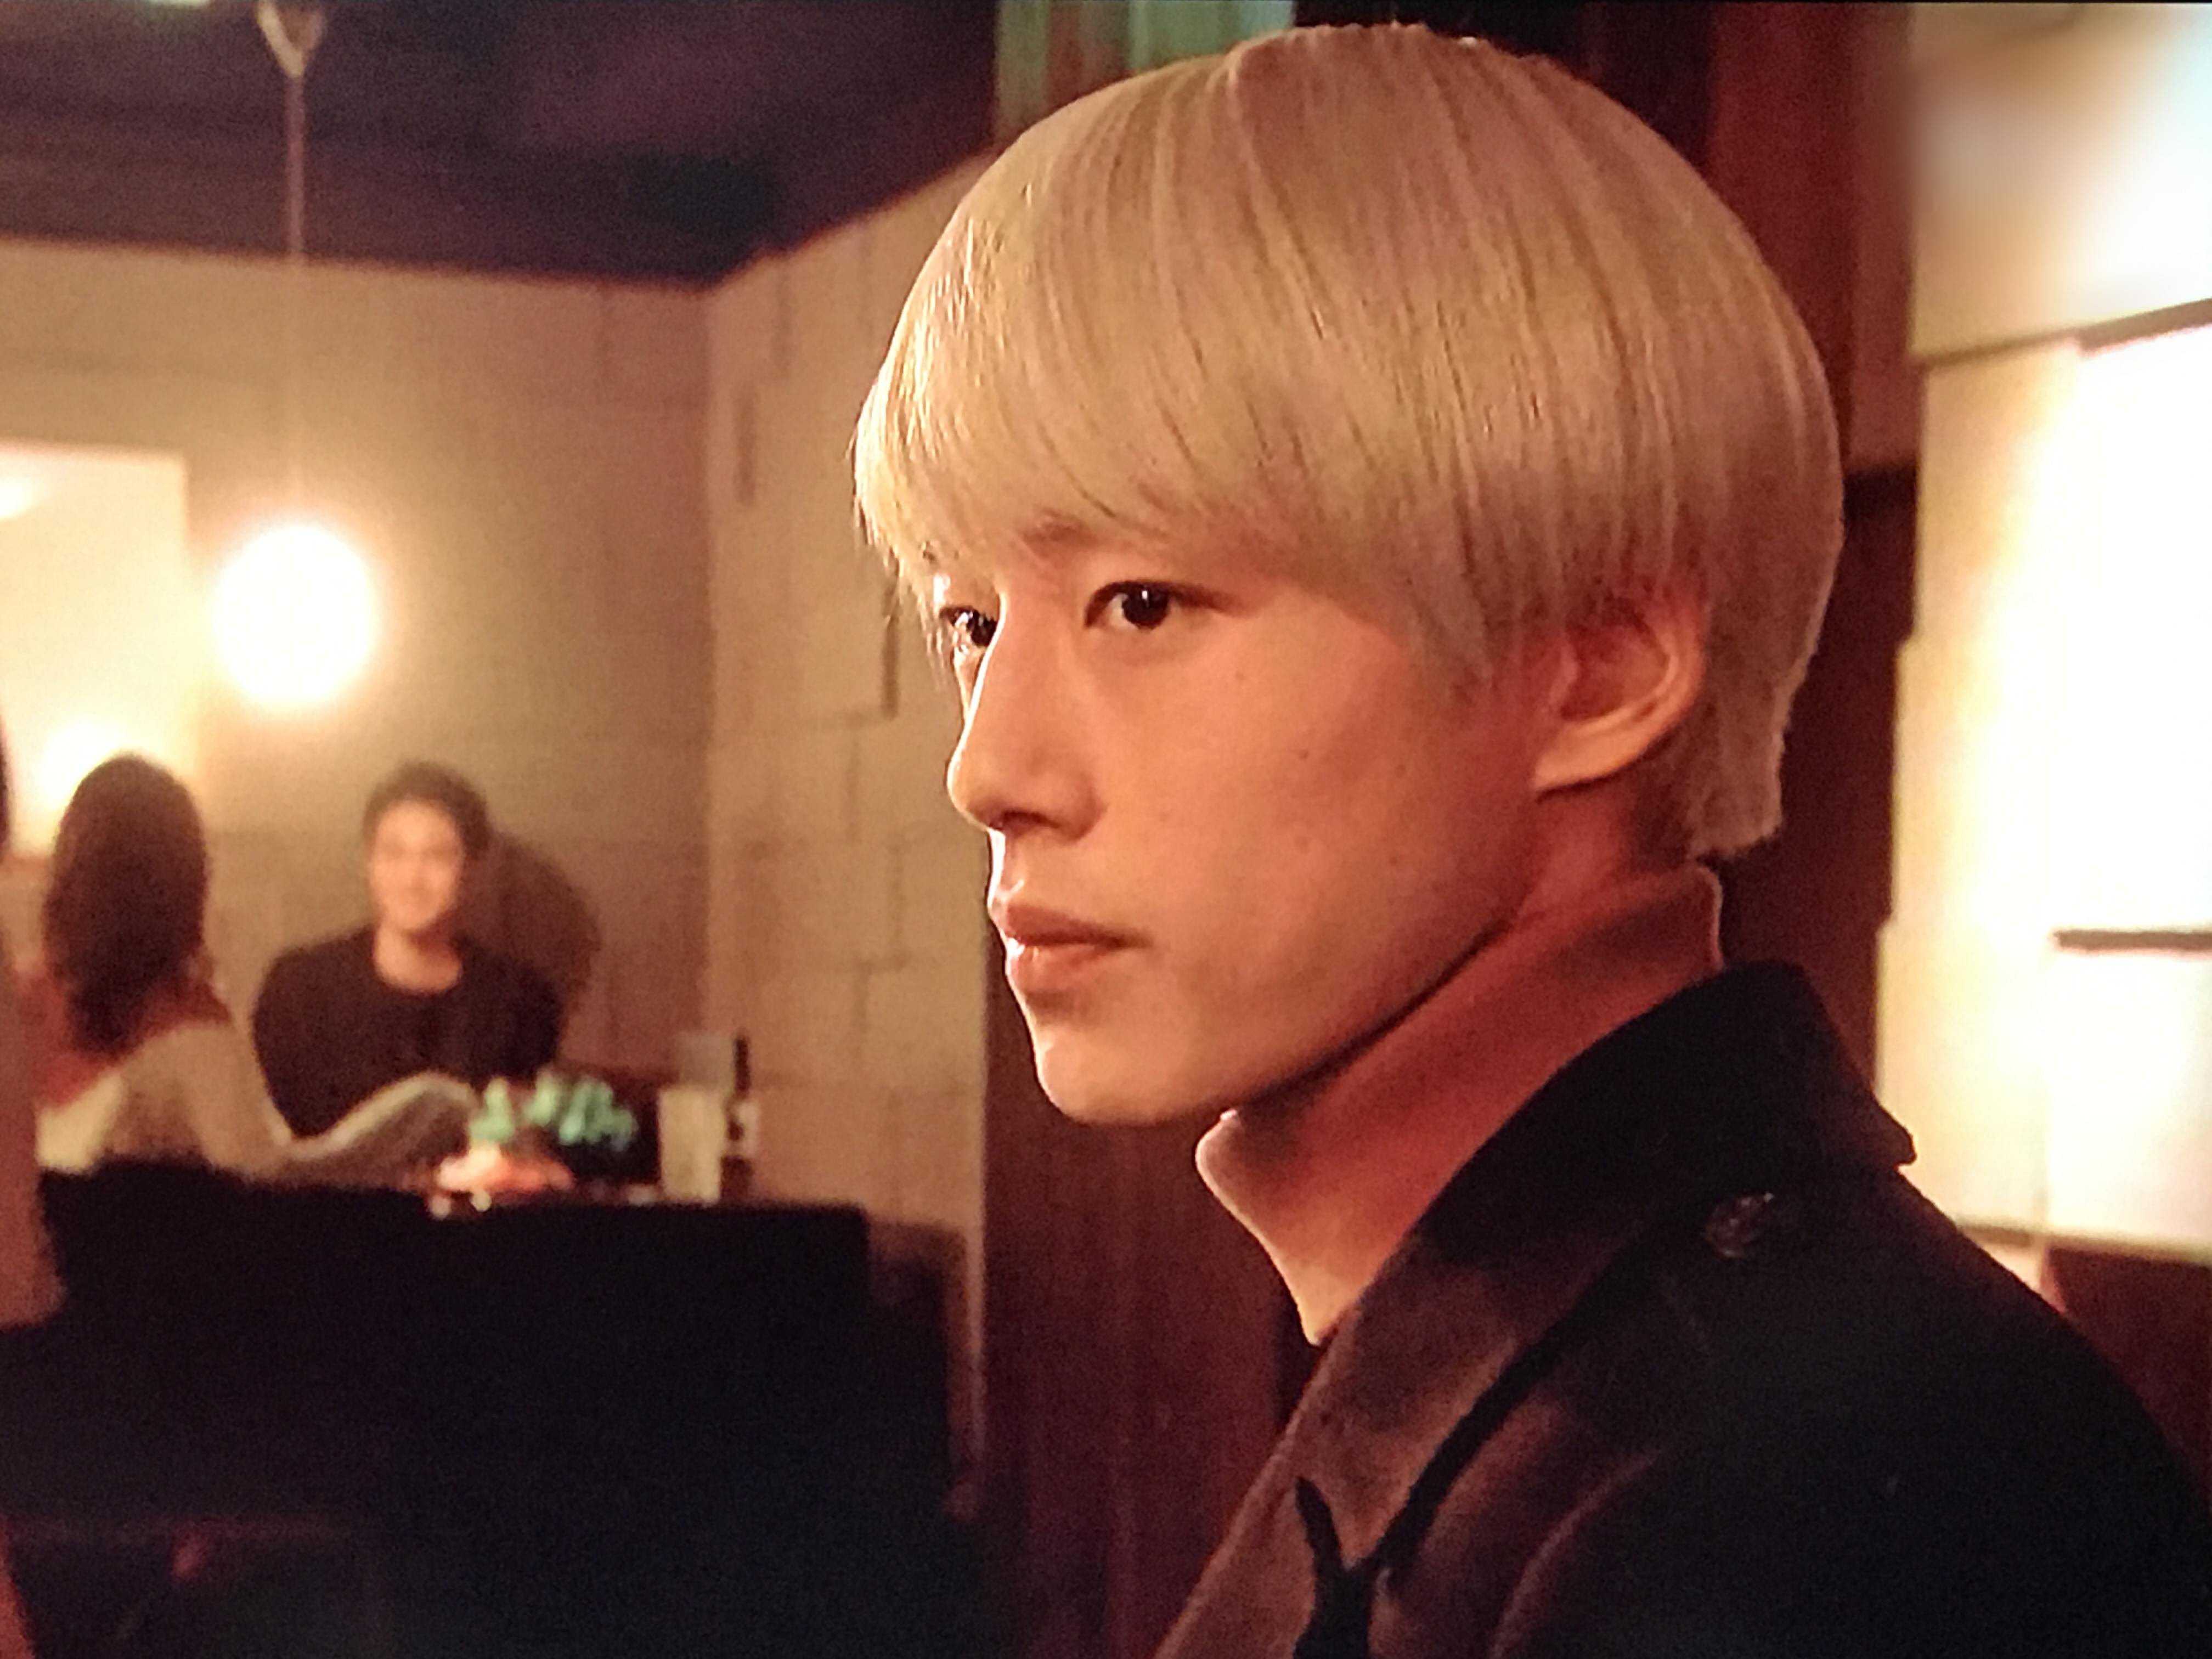 東京タラレバ娘で人気急上昇の坂口健太郎の金髪ヘアーが気になる